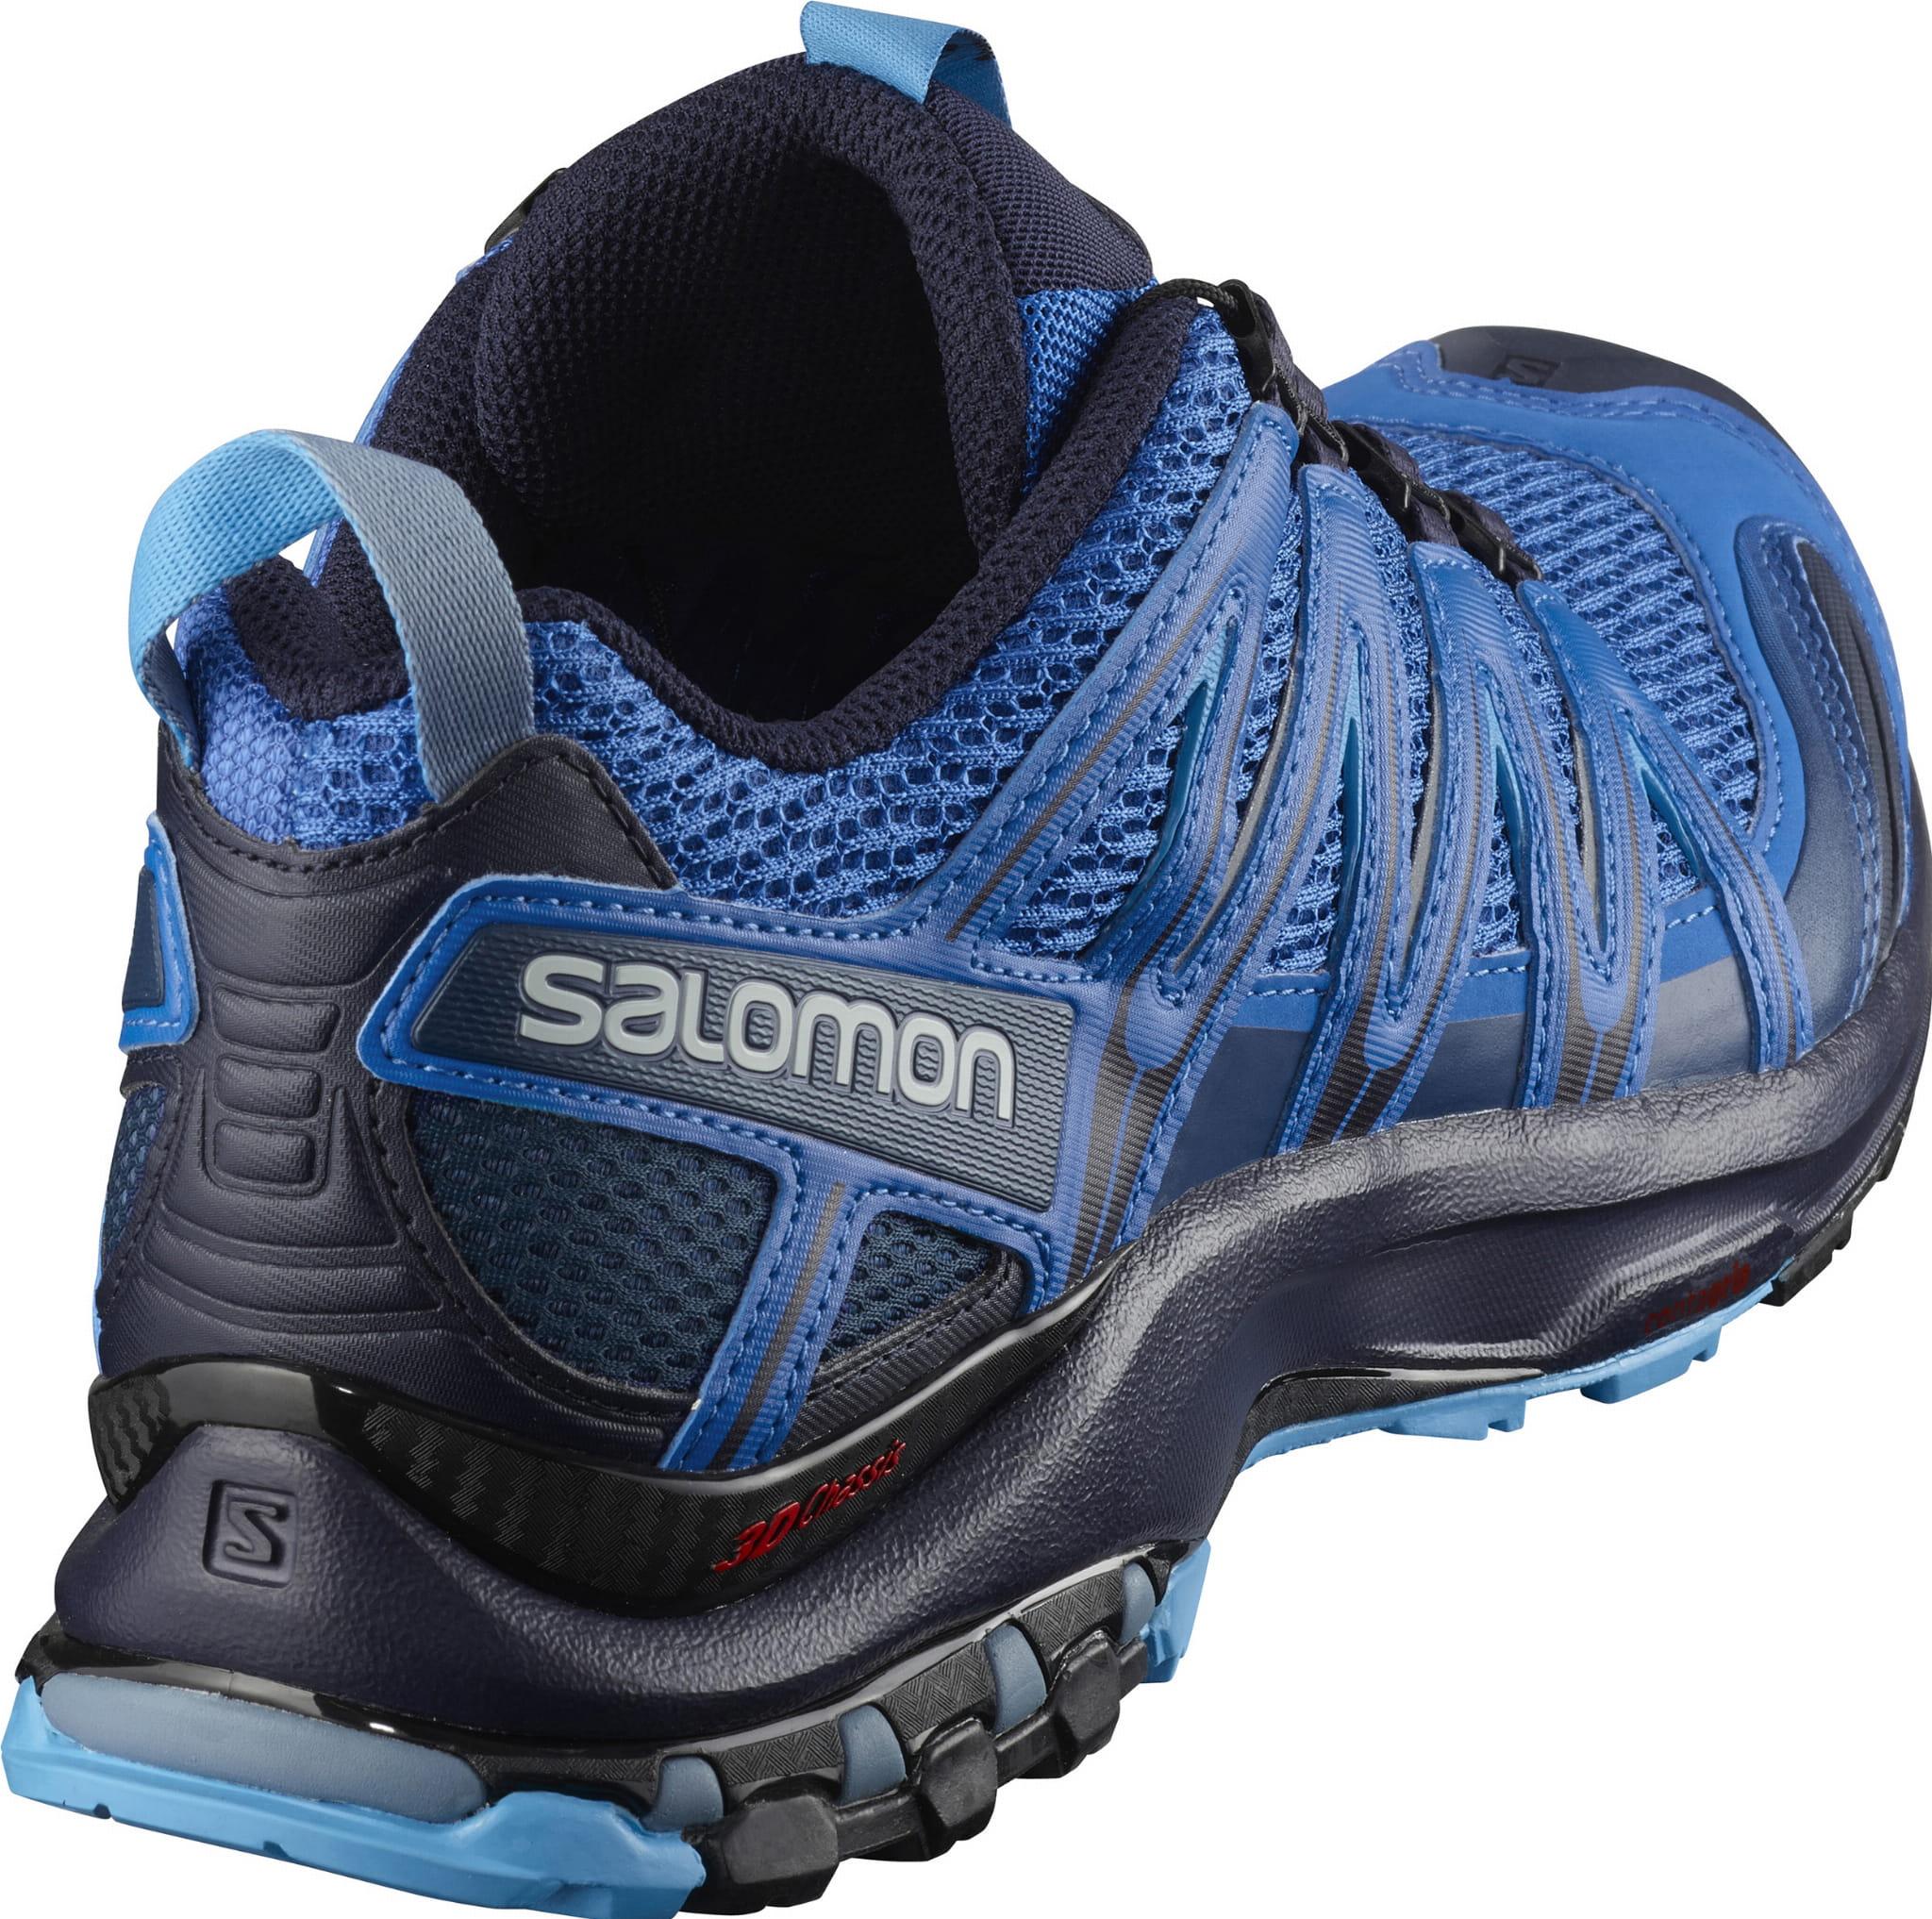 Buty Salomon XA Pro 3D Sky DiverNavy Blaze 407888